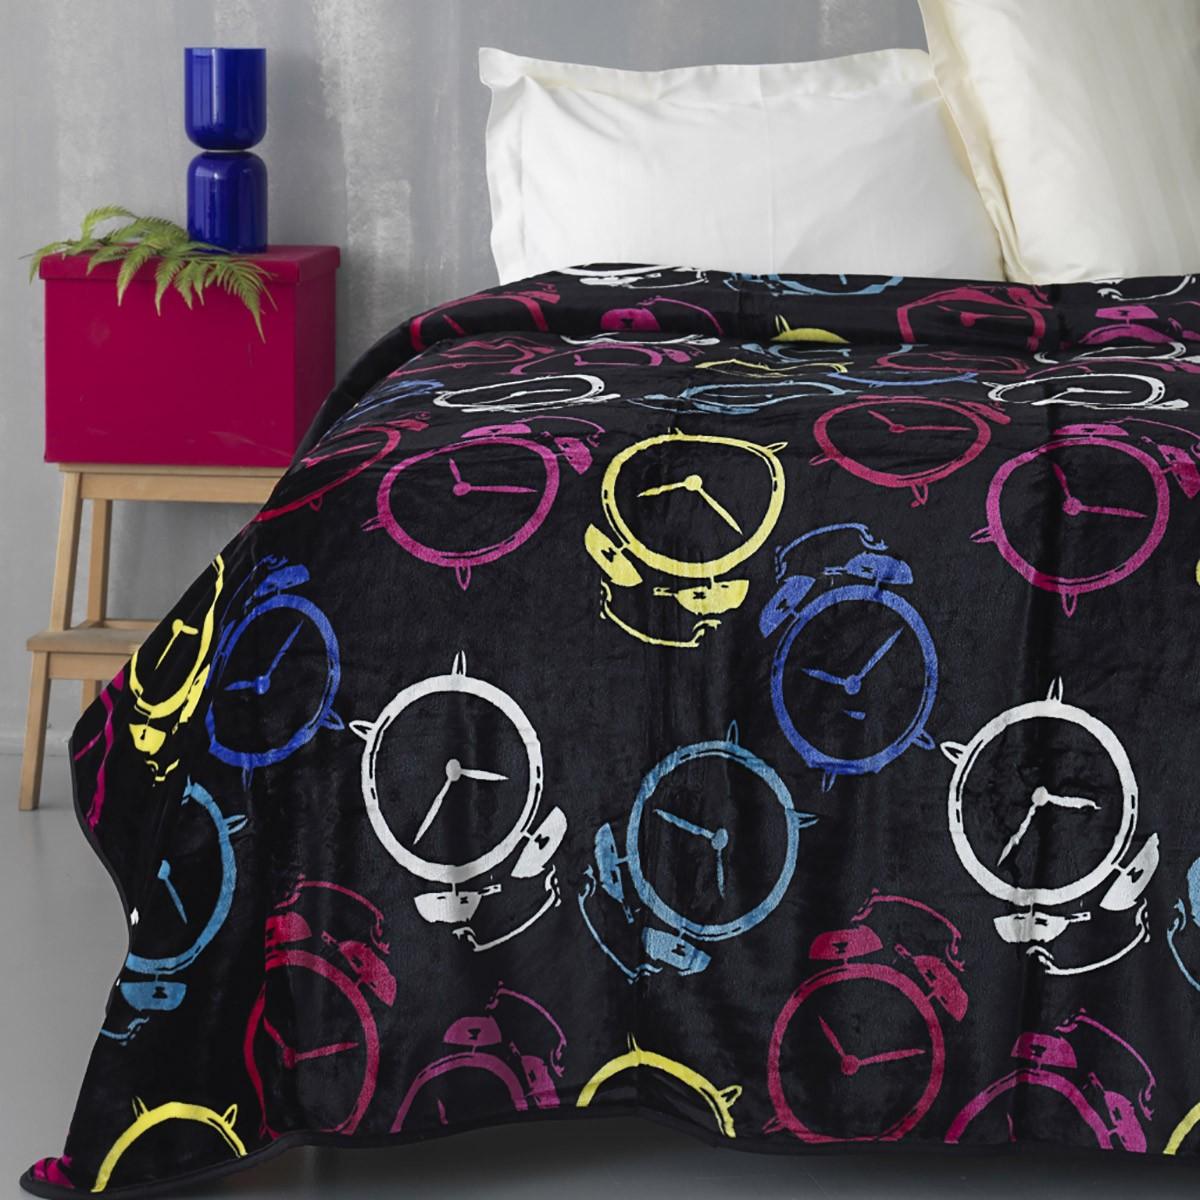 Κουβέρτα Fleece Υπέρδιπλη Palamaiki Silky 248